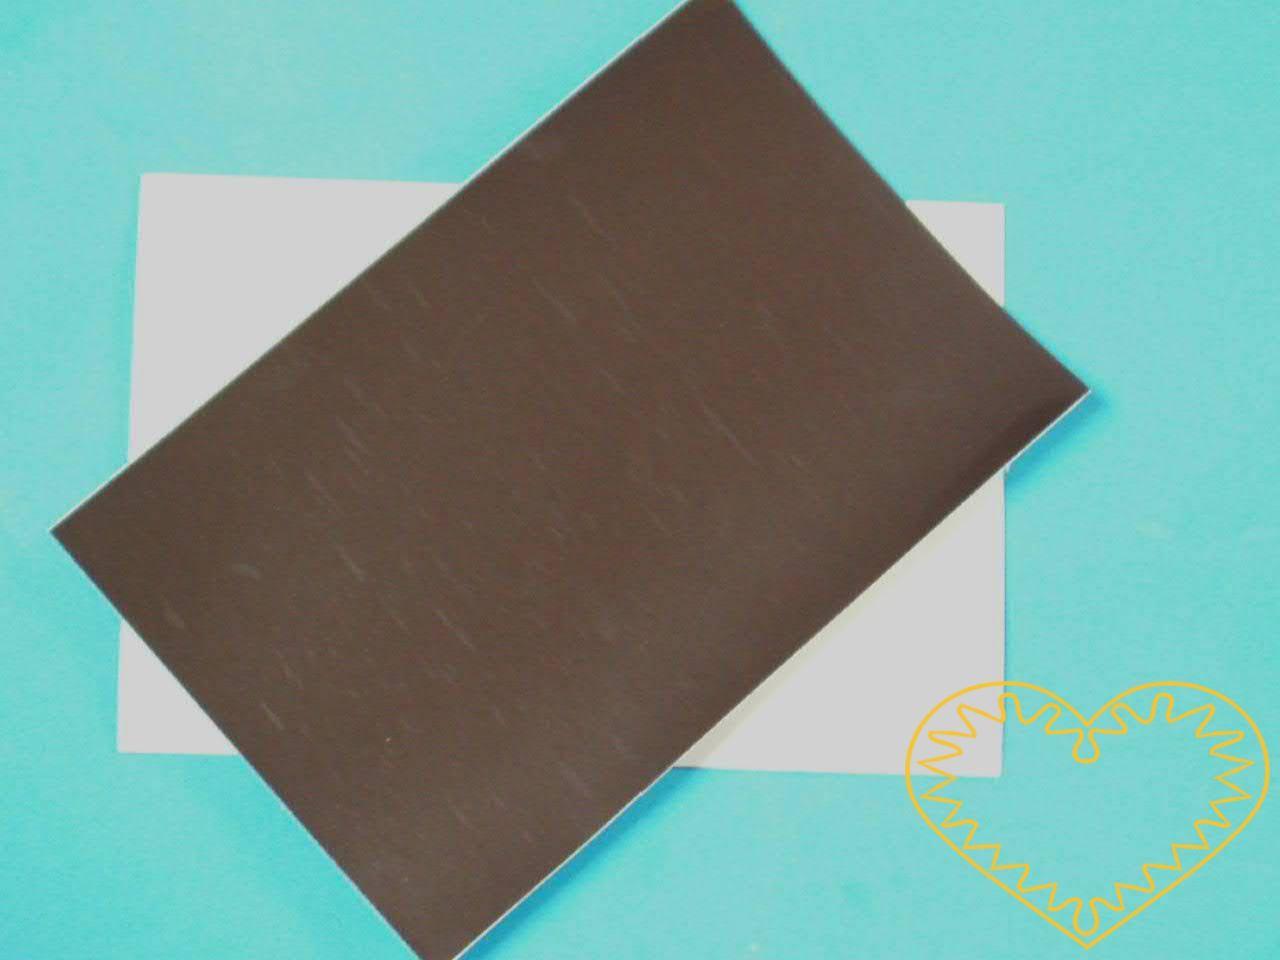 Magnetická samolepící destička velikosti 10 x 15 cm - výborná pomůcka pro výrobu vlastnoručních magnetek. Destička je z jedné strany samolepící, takže na ni stačí přilepit Váš výtvor z papíru, fima, umělé hmoty apod. a vzniknou tak originální magnetk